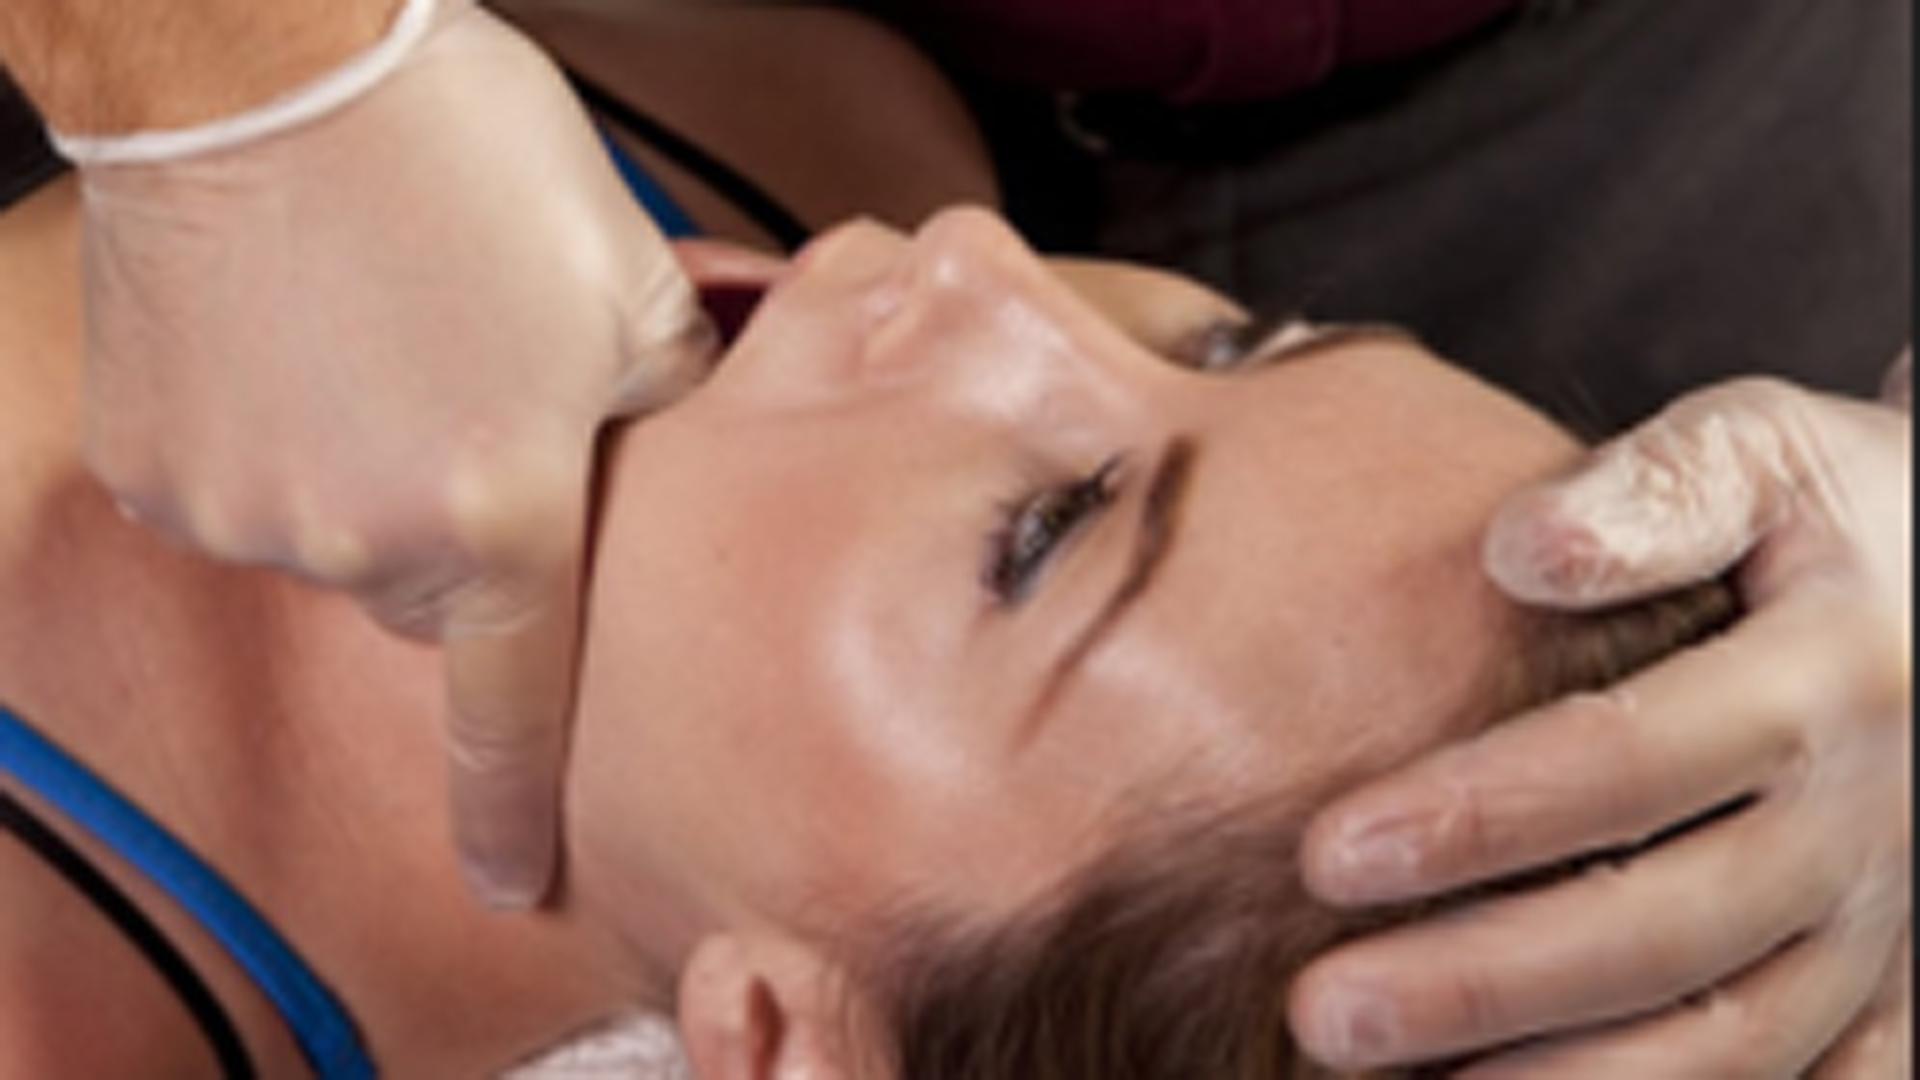 El profesional enseñará distintos ejercicios para eliminar el problema bucal